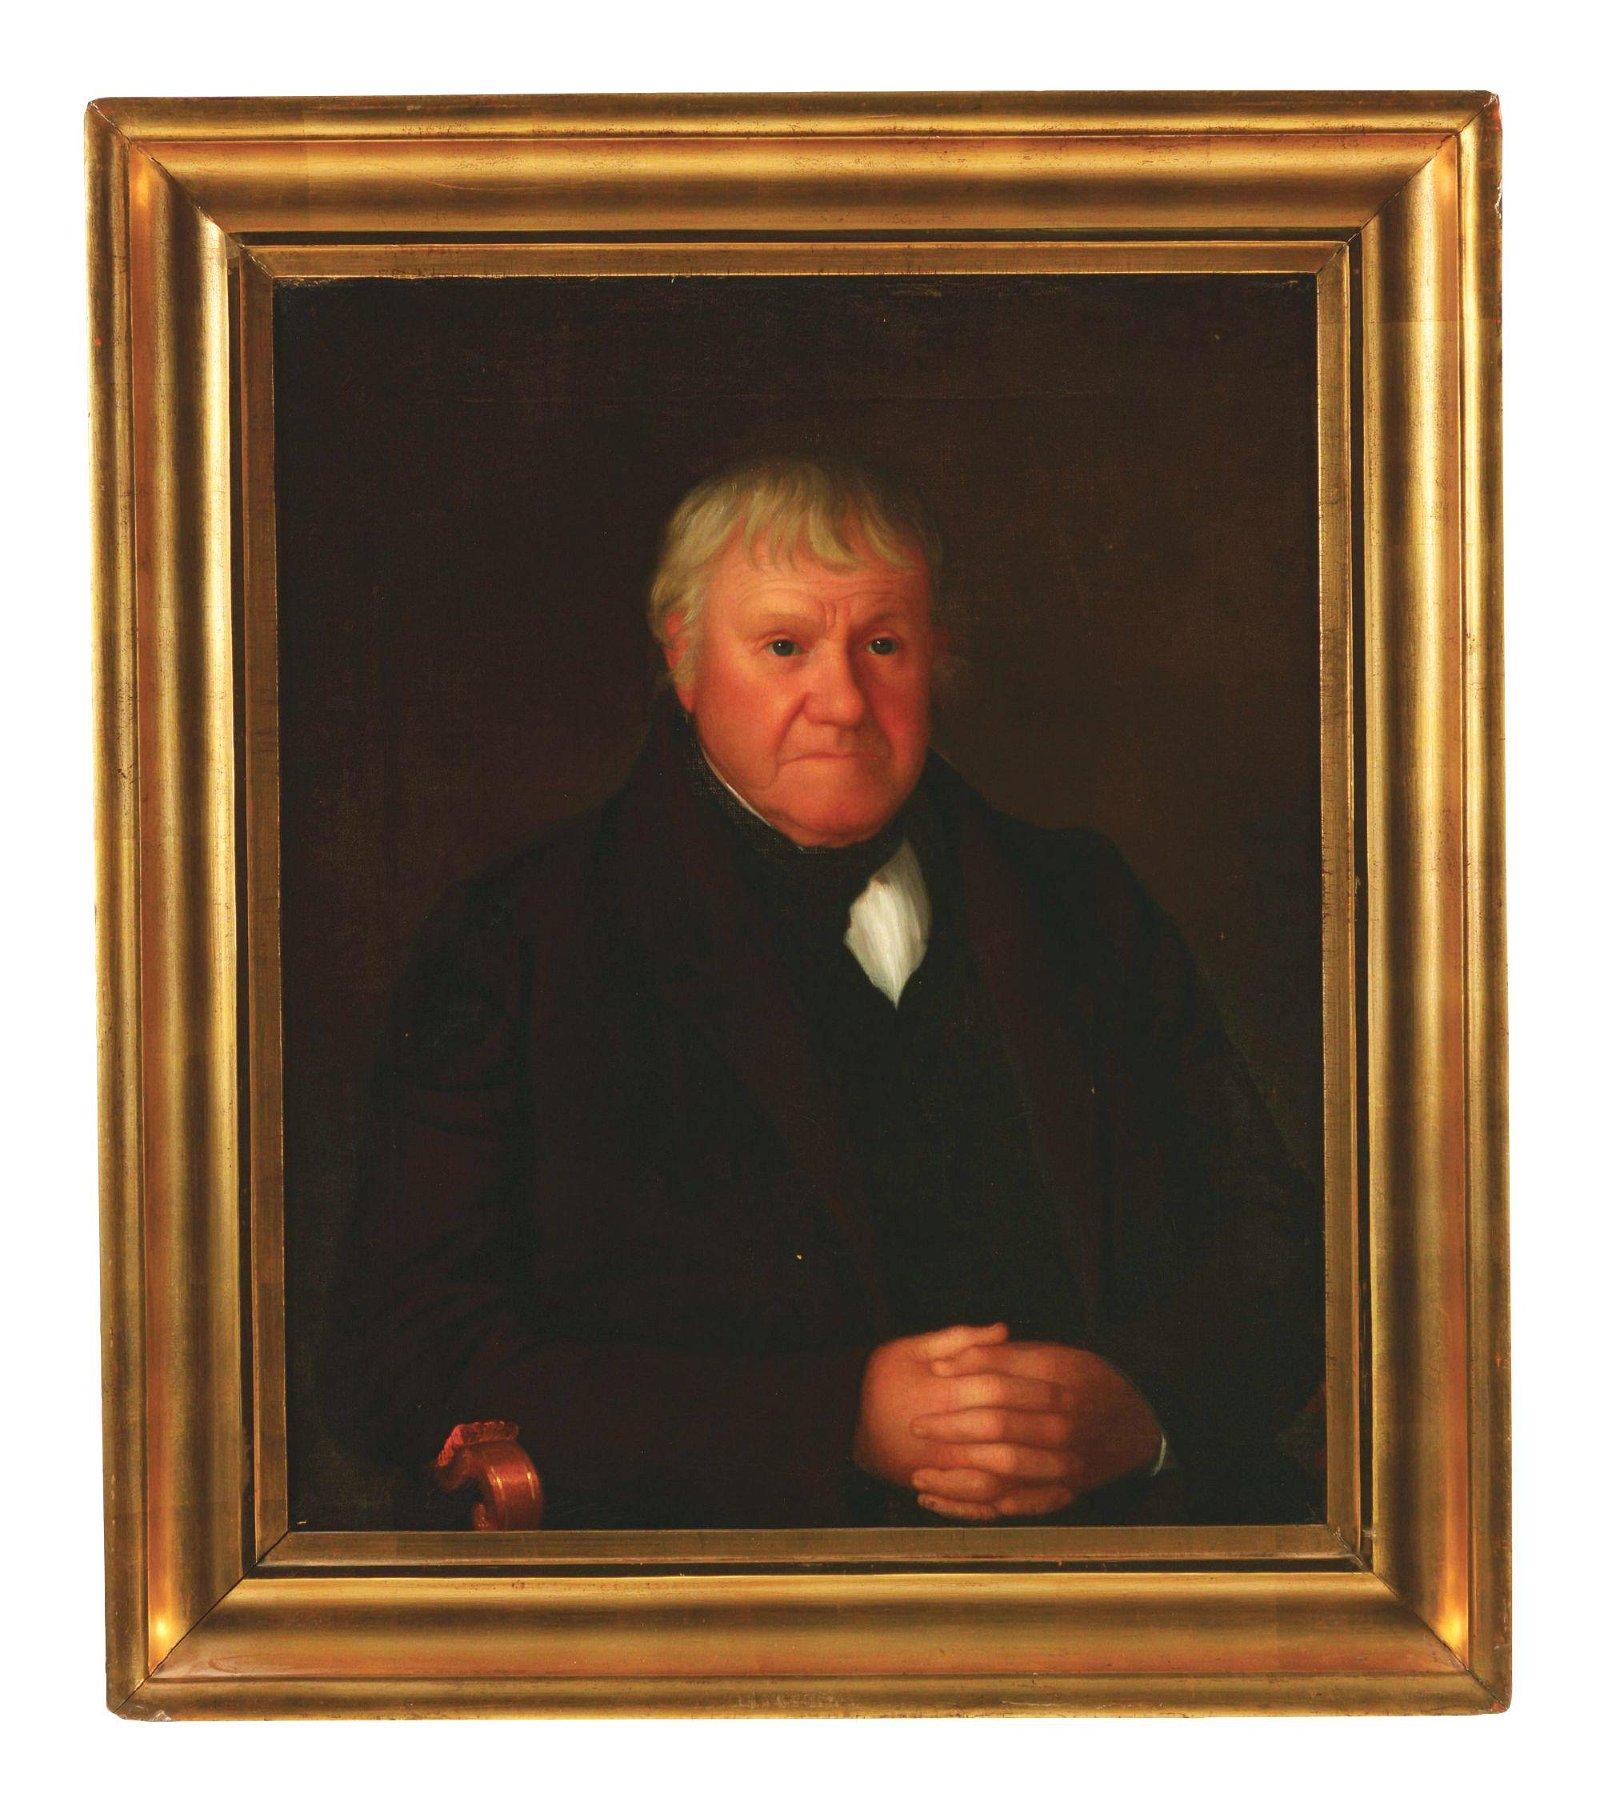 AMERICAN SCHOOL (19TH CENTURY) FOLK ART PORTRAIT OF A